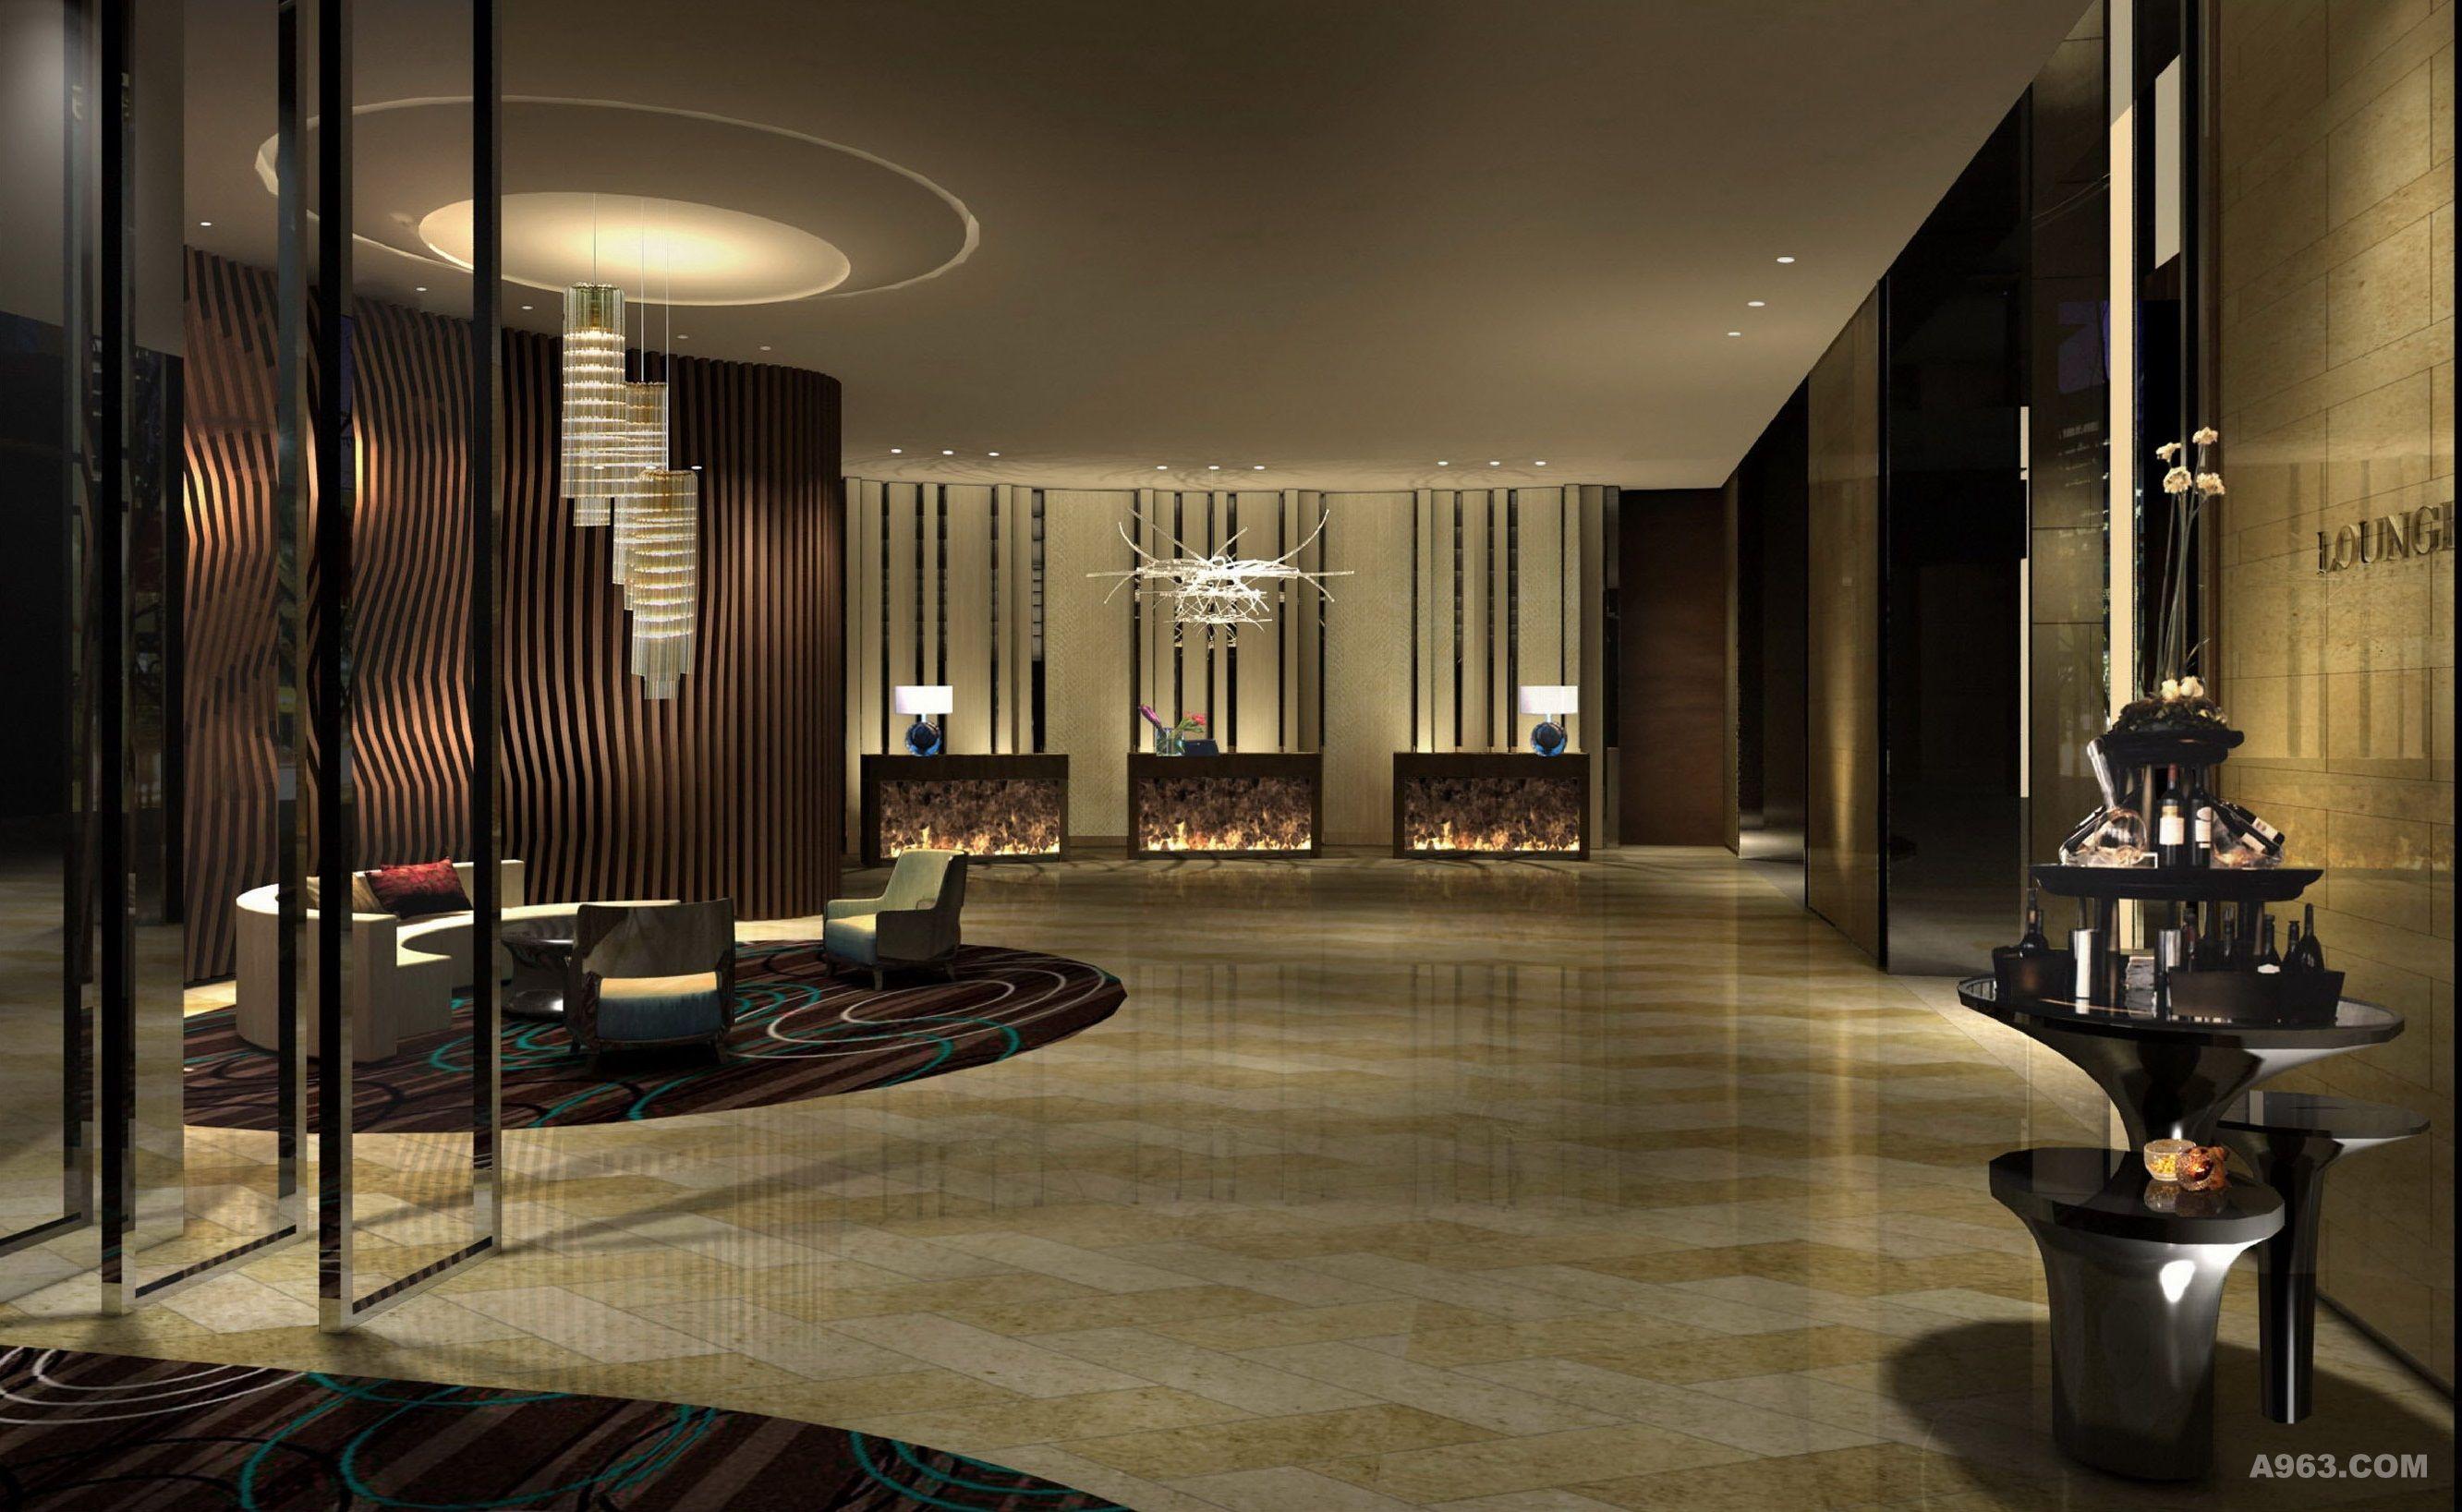 以泉为源点 以水为元素,现代中式设计手法,融入当地文化特色,打造具有地域文化性的精品星级酒店。色彩采用深咖为主色调贯穿整个空间,将酒店色奢华感、品质感充分展示。多元化软装构成让酒店增色不少。 青木壹品设计专注于:星级酒店、精品酒店、度假酒店的设计与研发